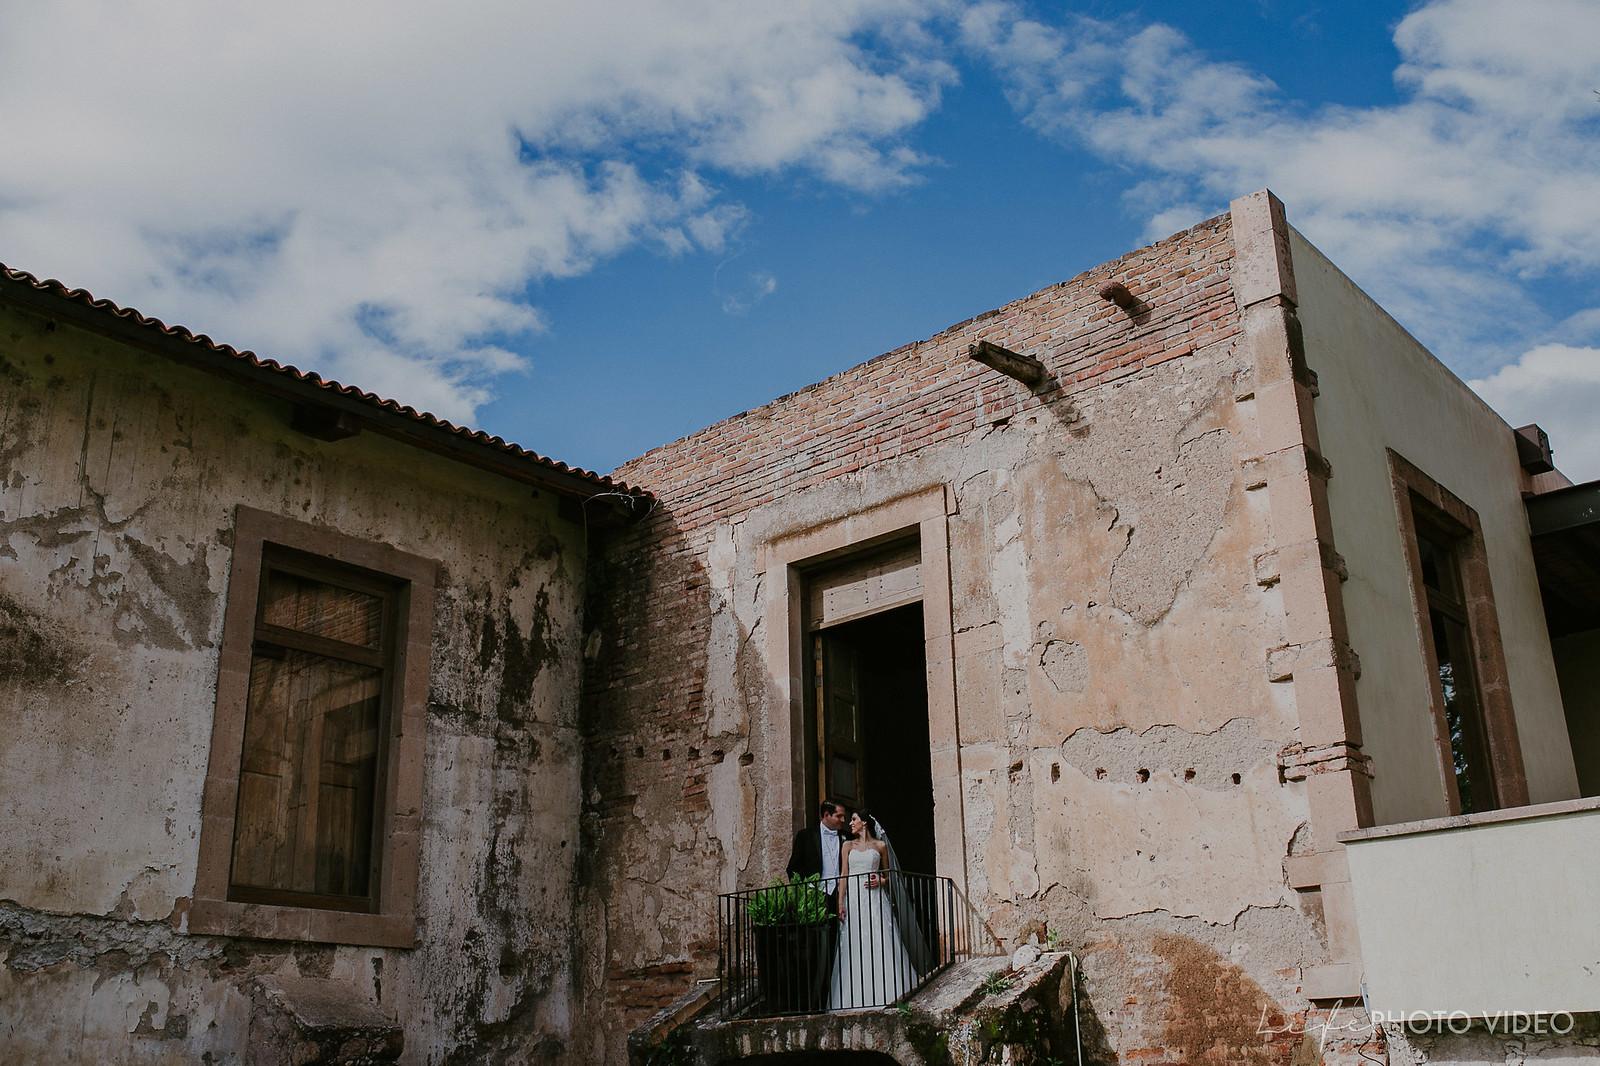 Boda_Leon_Guanajuato_Wedding_0027